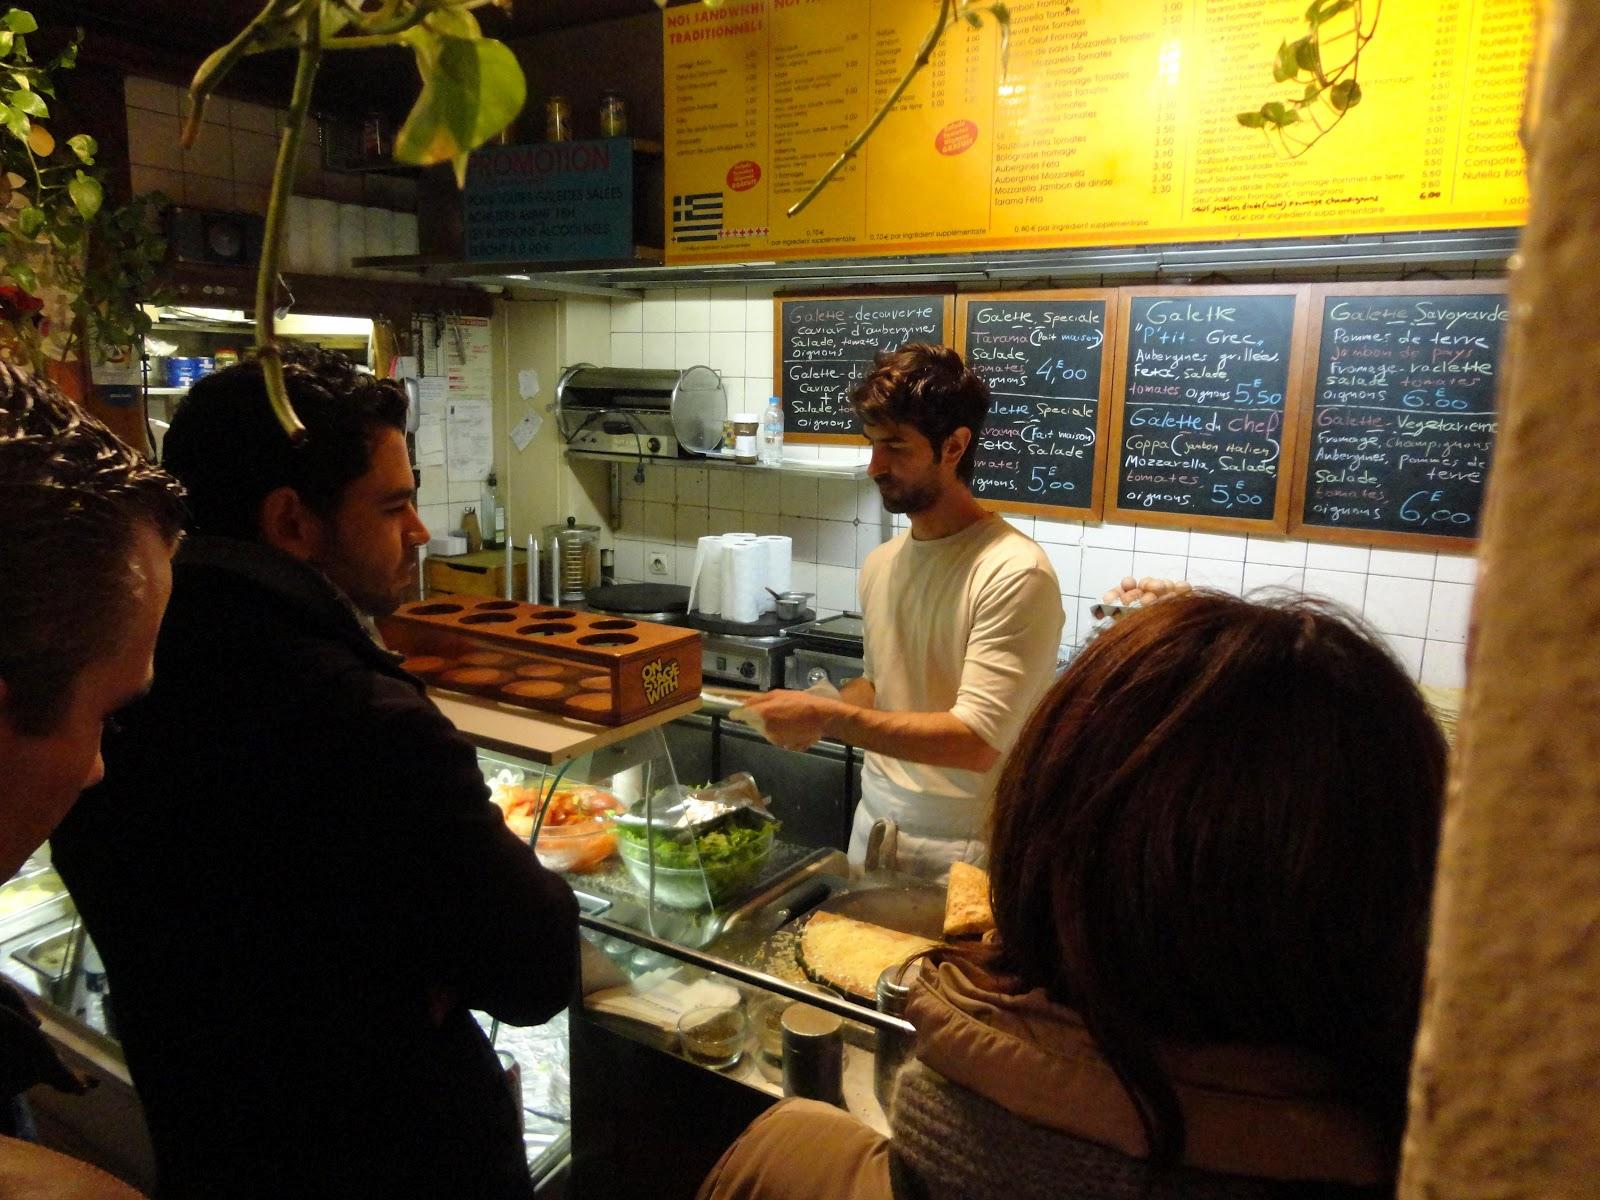 Sang ikan kecil comportements individuels et les interactions sociales la rue mouffetard paris - Restaurant la table du grec ...